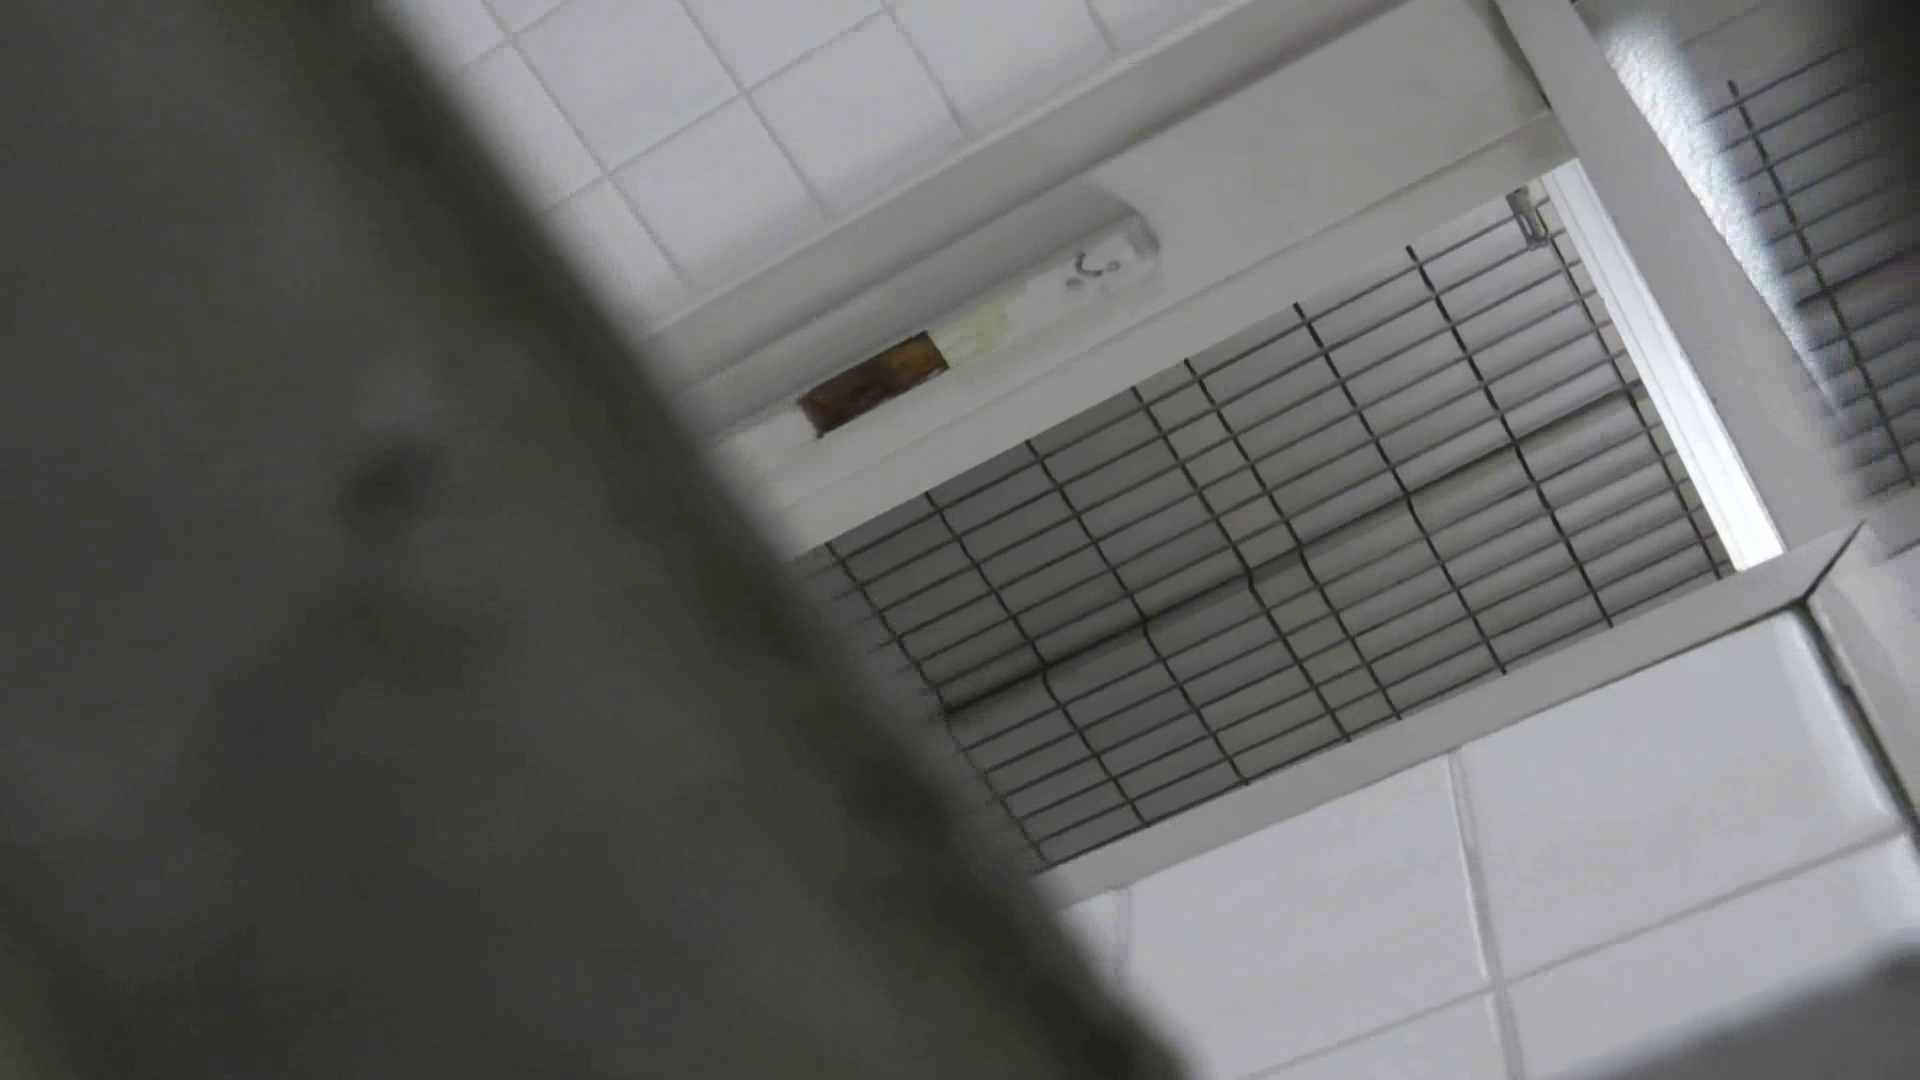 【美しき個室な世界】 vol.017 (゜∀゜) 高画質動画   洗面所シーン  38画像 4